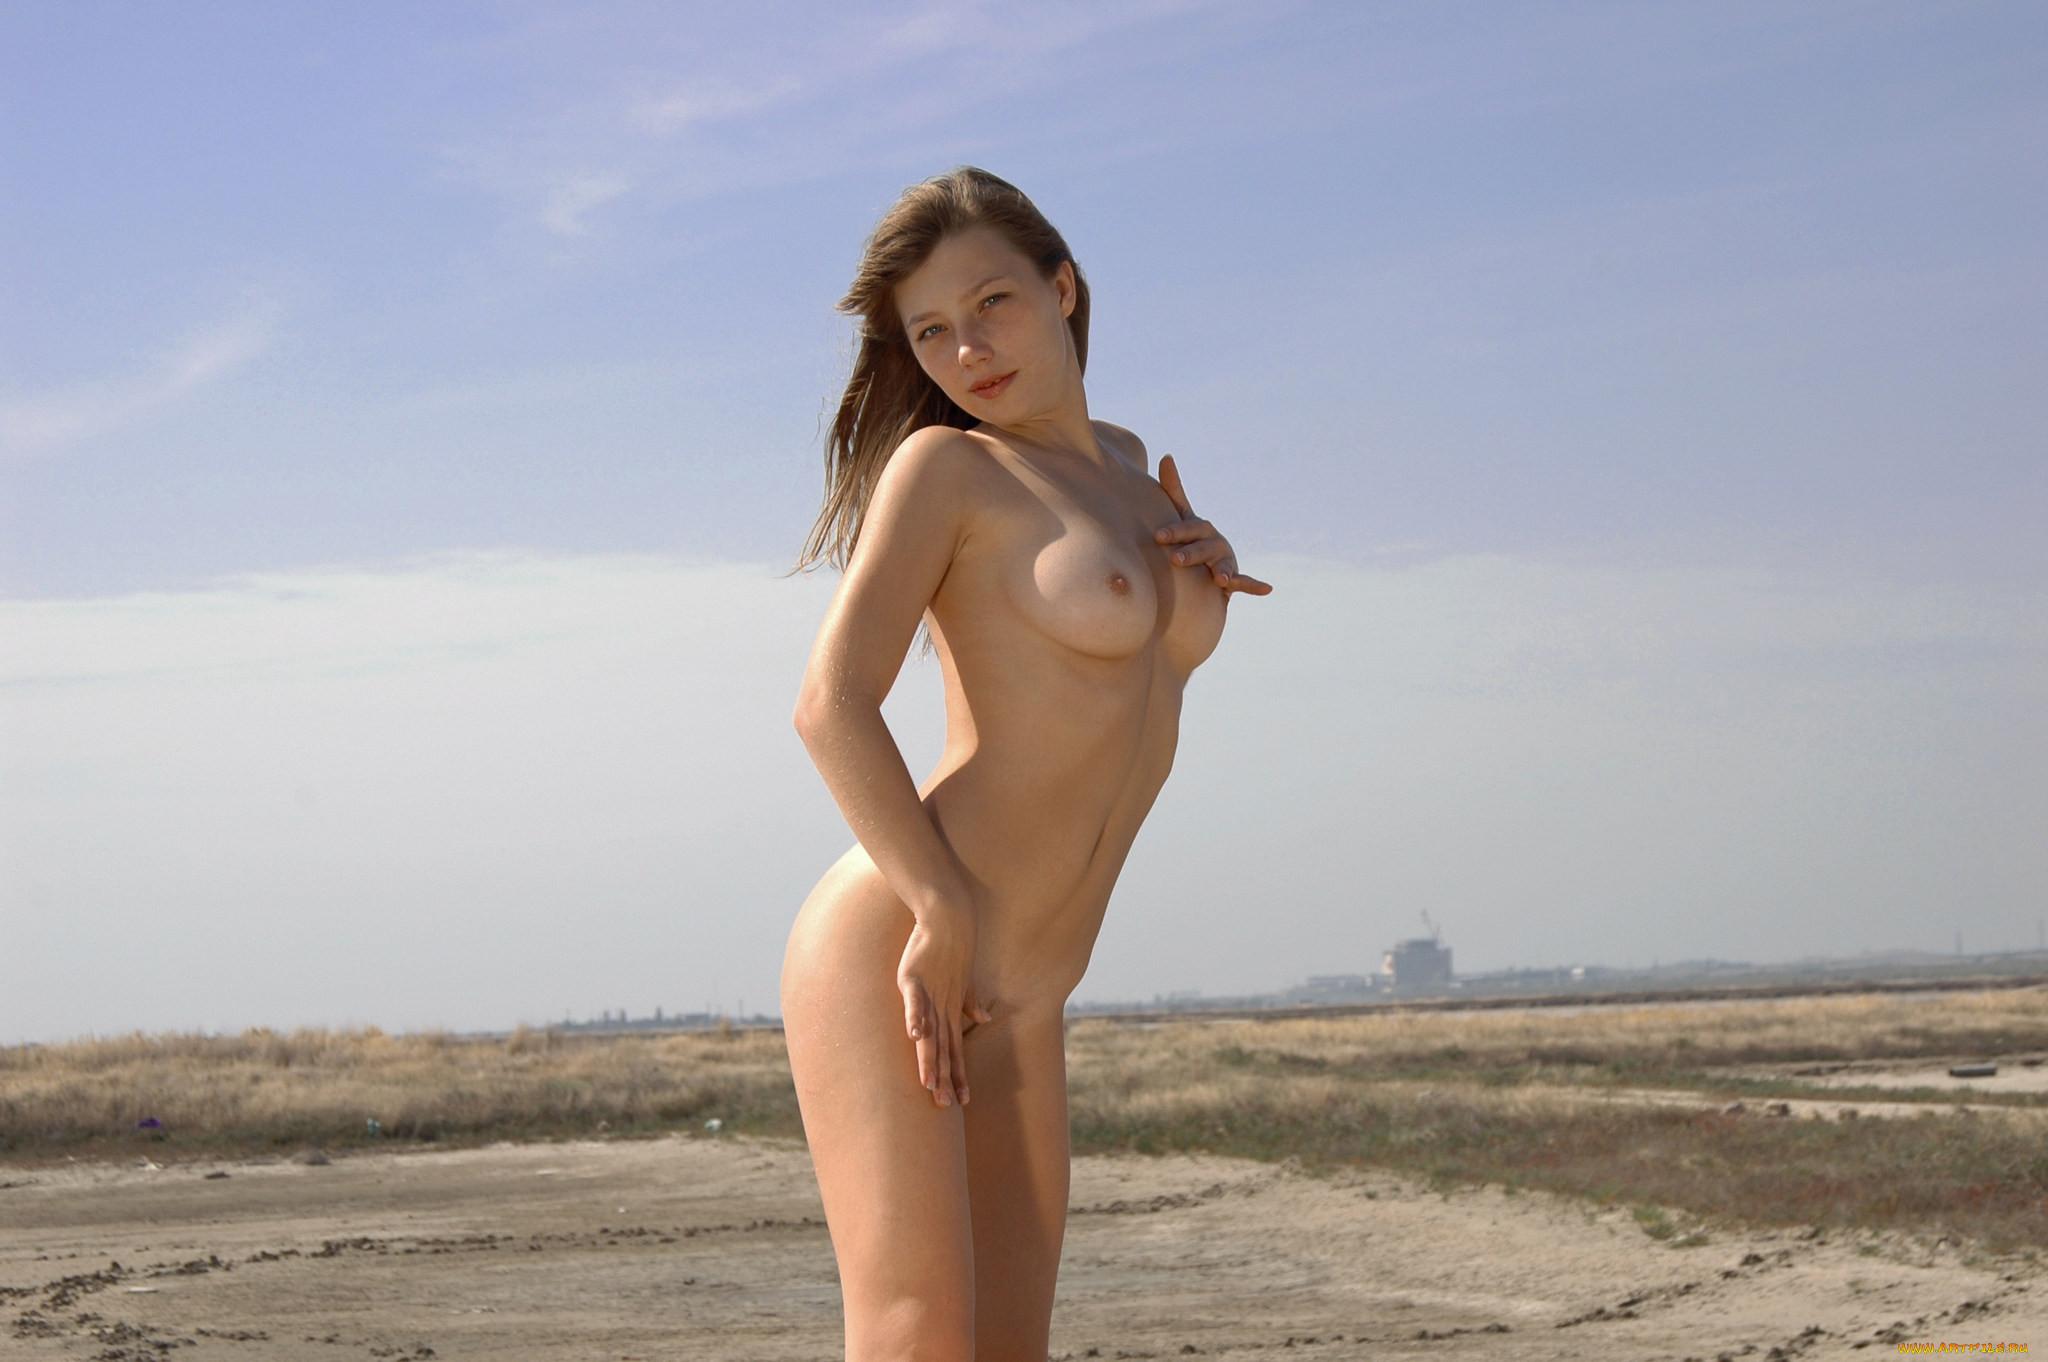 3Dкартинки  Бесплатные фото эротики голых девушек и